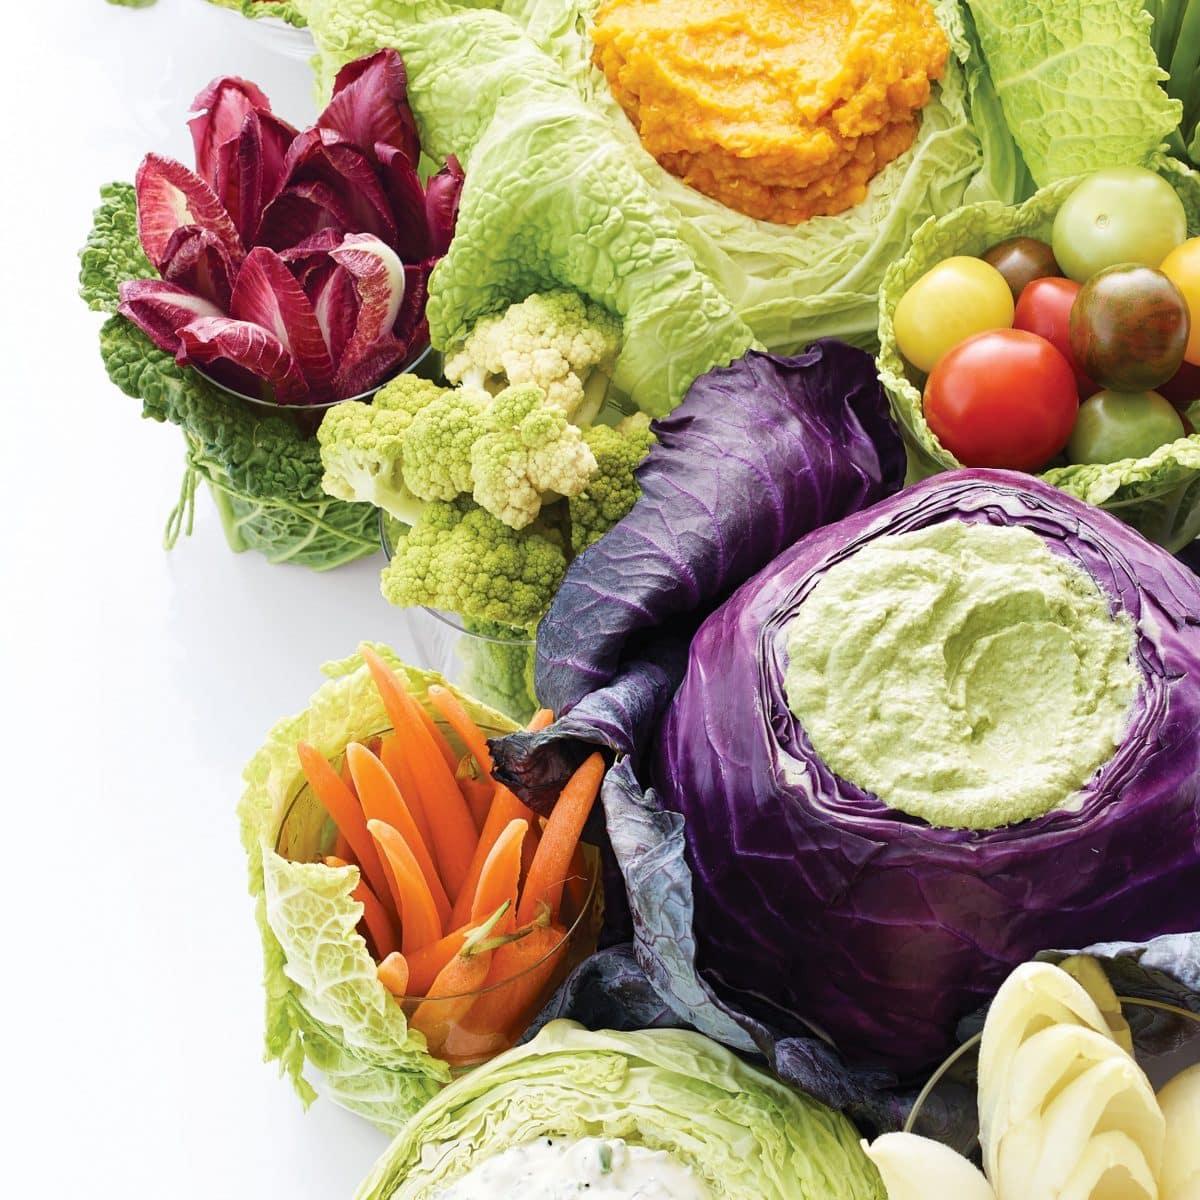 s04_food_crop02